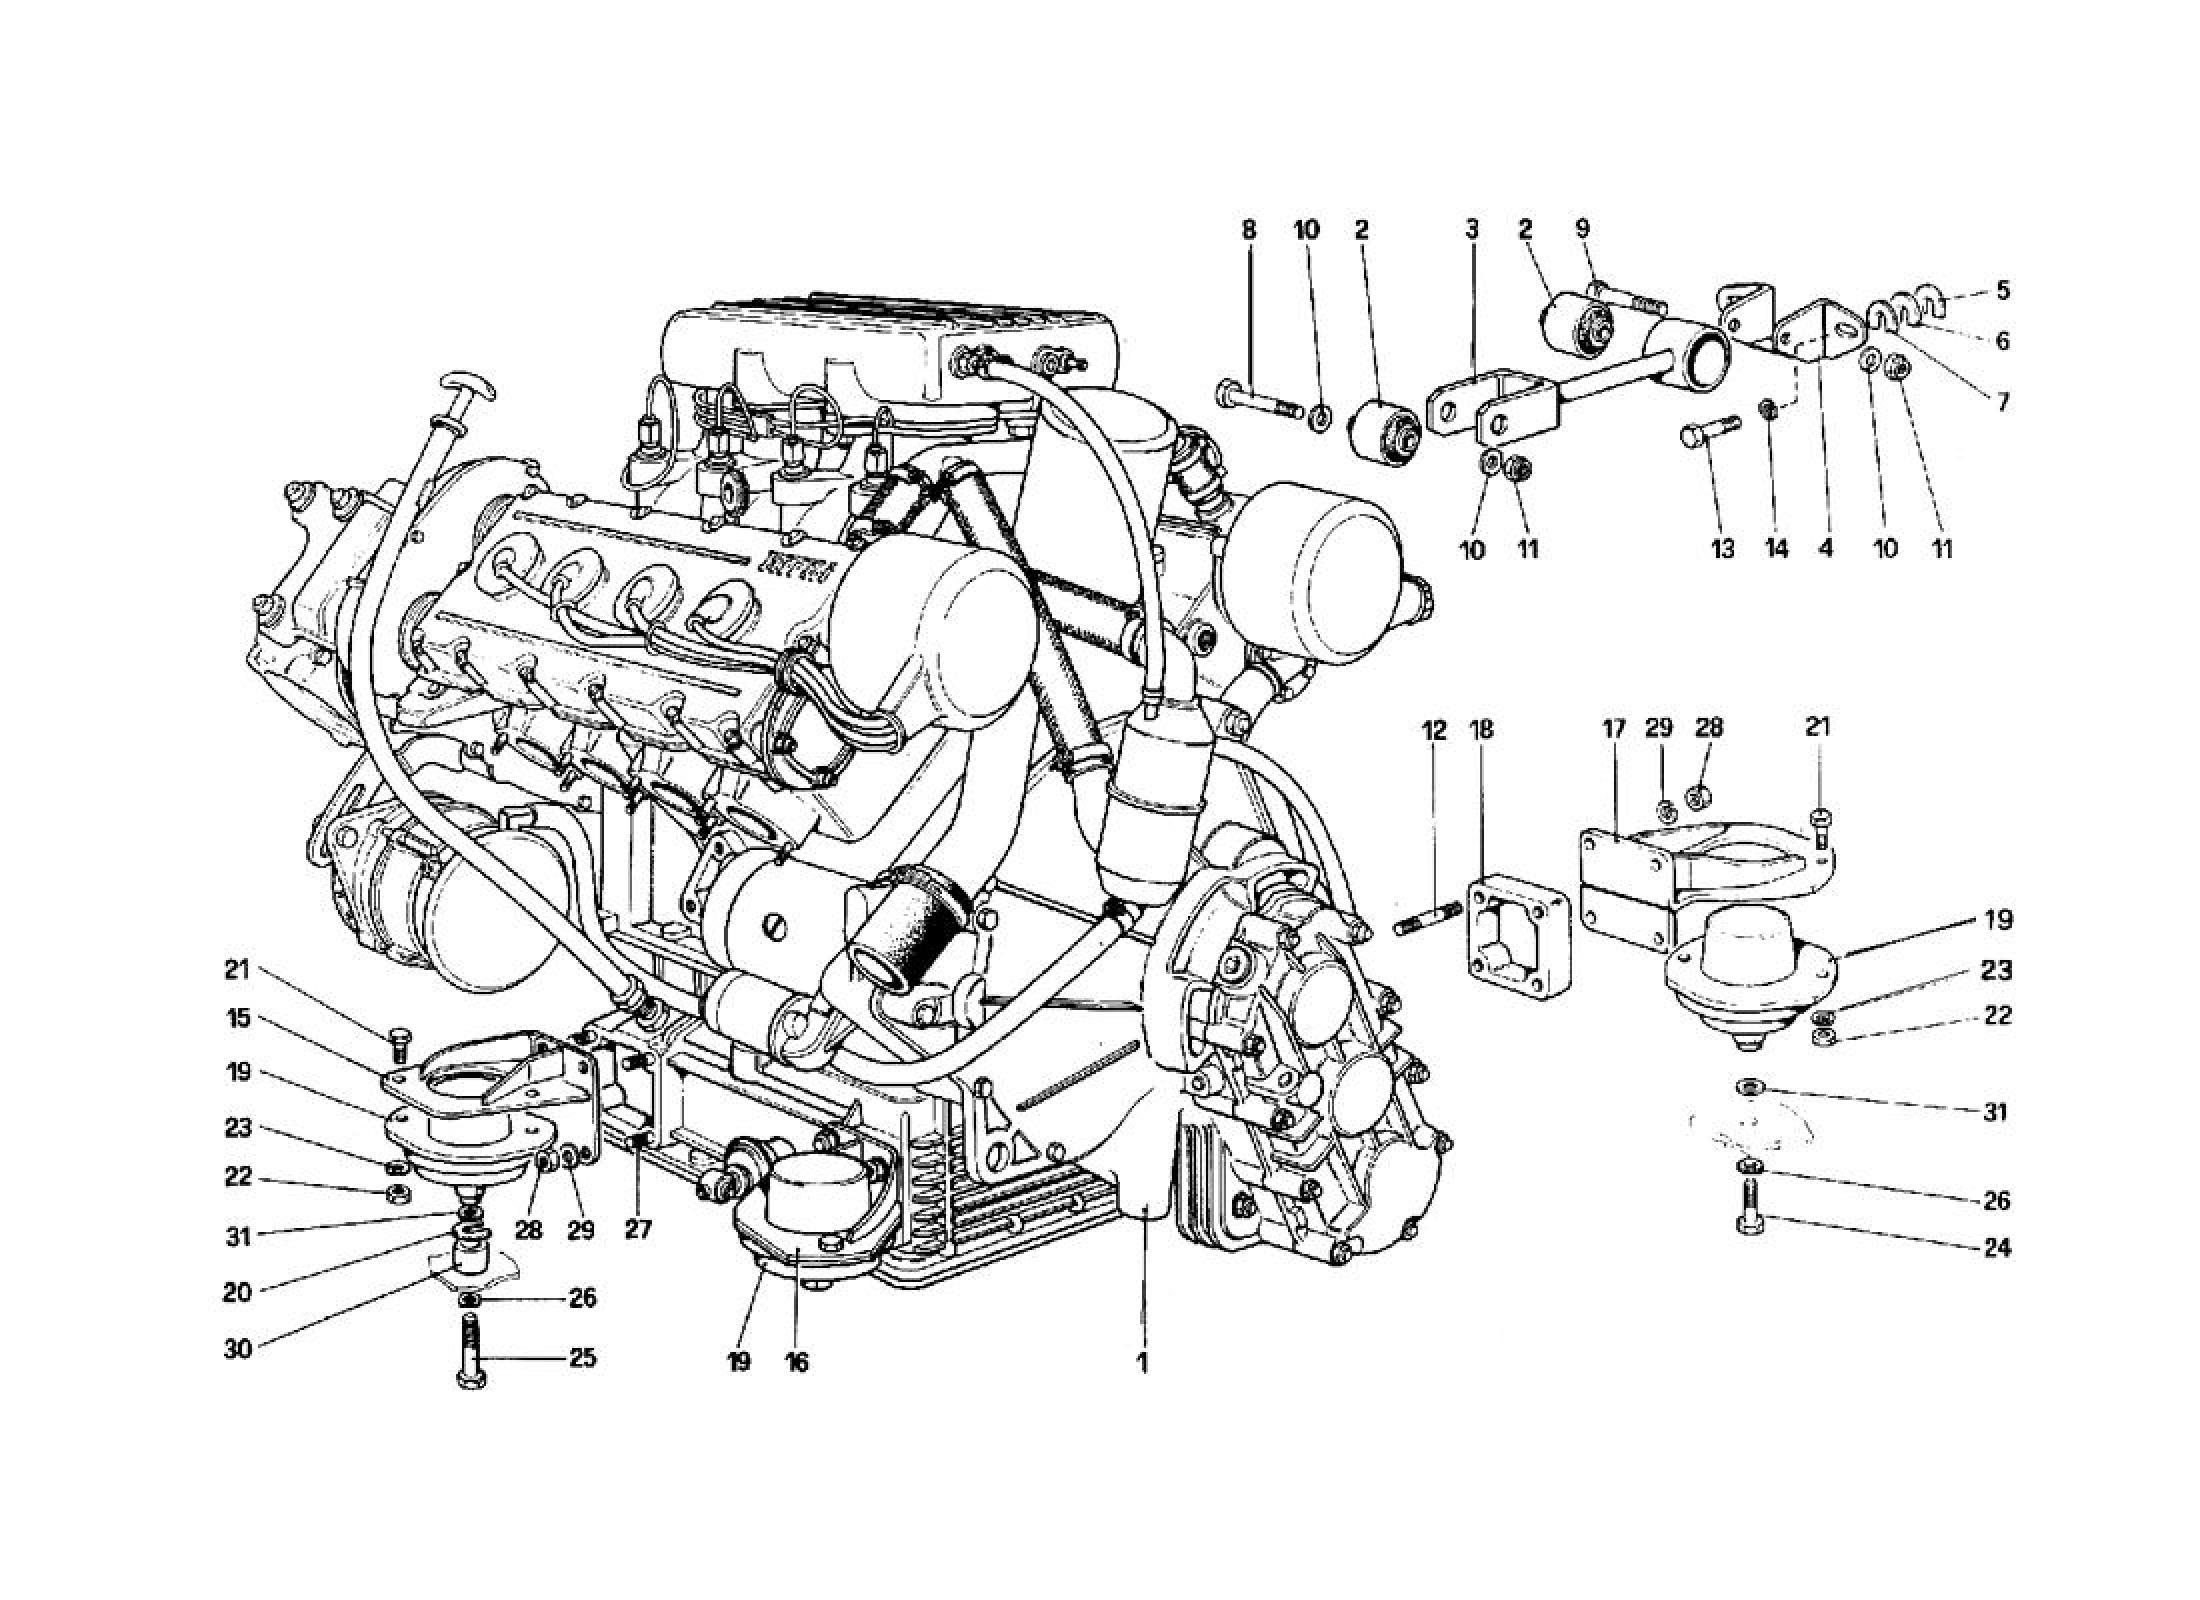 Ferrari 308qv Engine